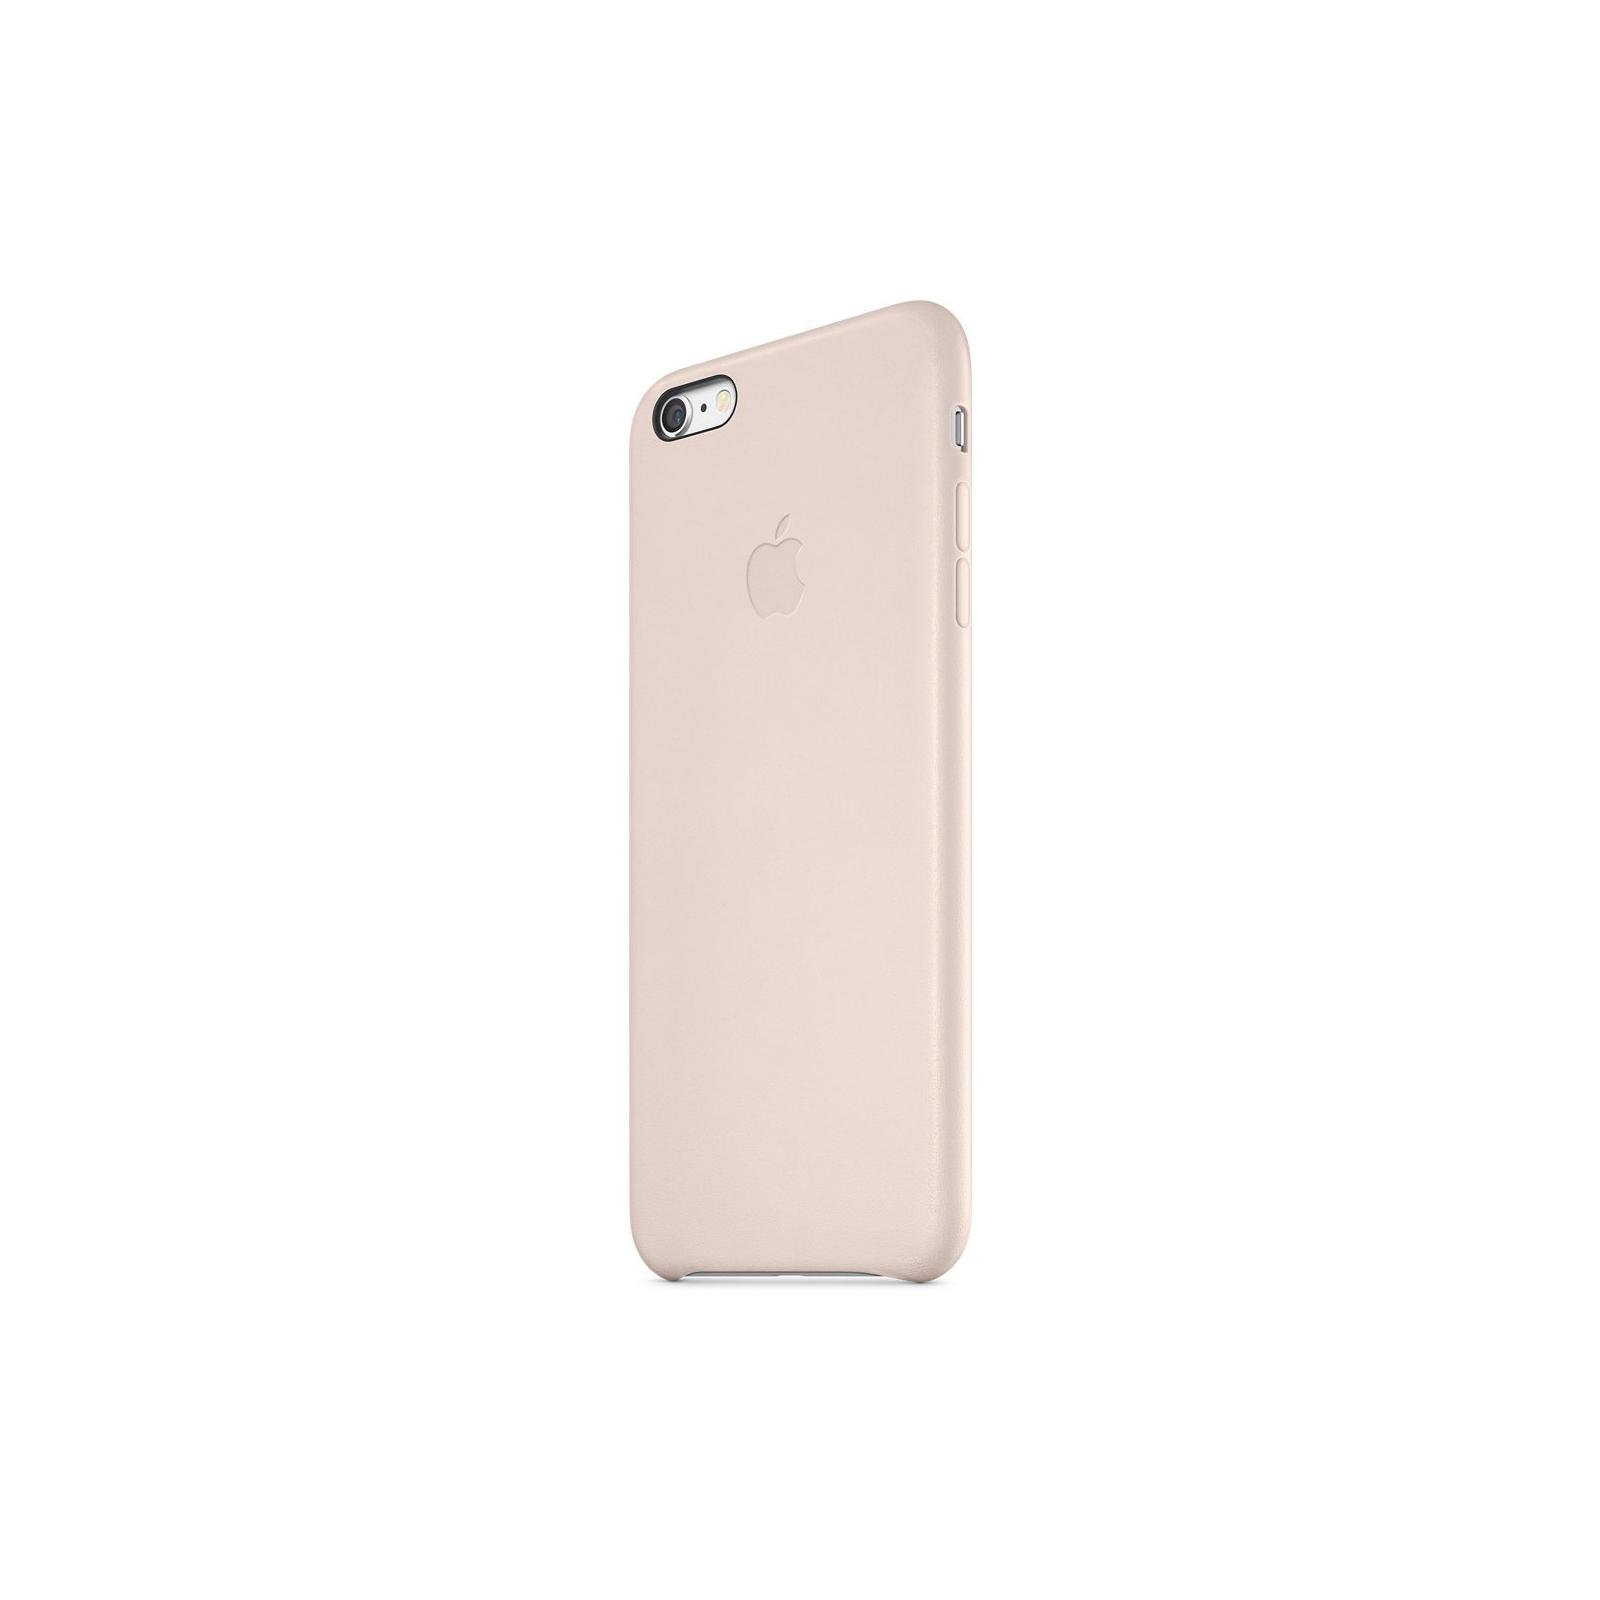 Чехол для моб. телефона Apple для iPhone 6 Plus light-pink (MGQW2ZM/A) изображение 2